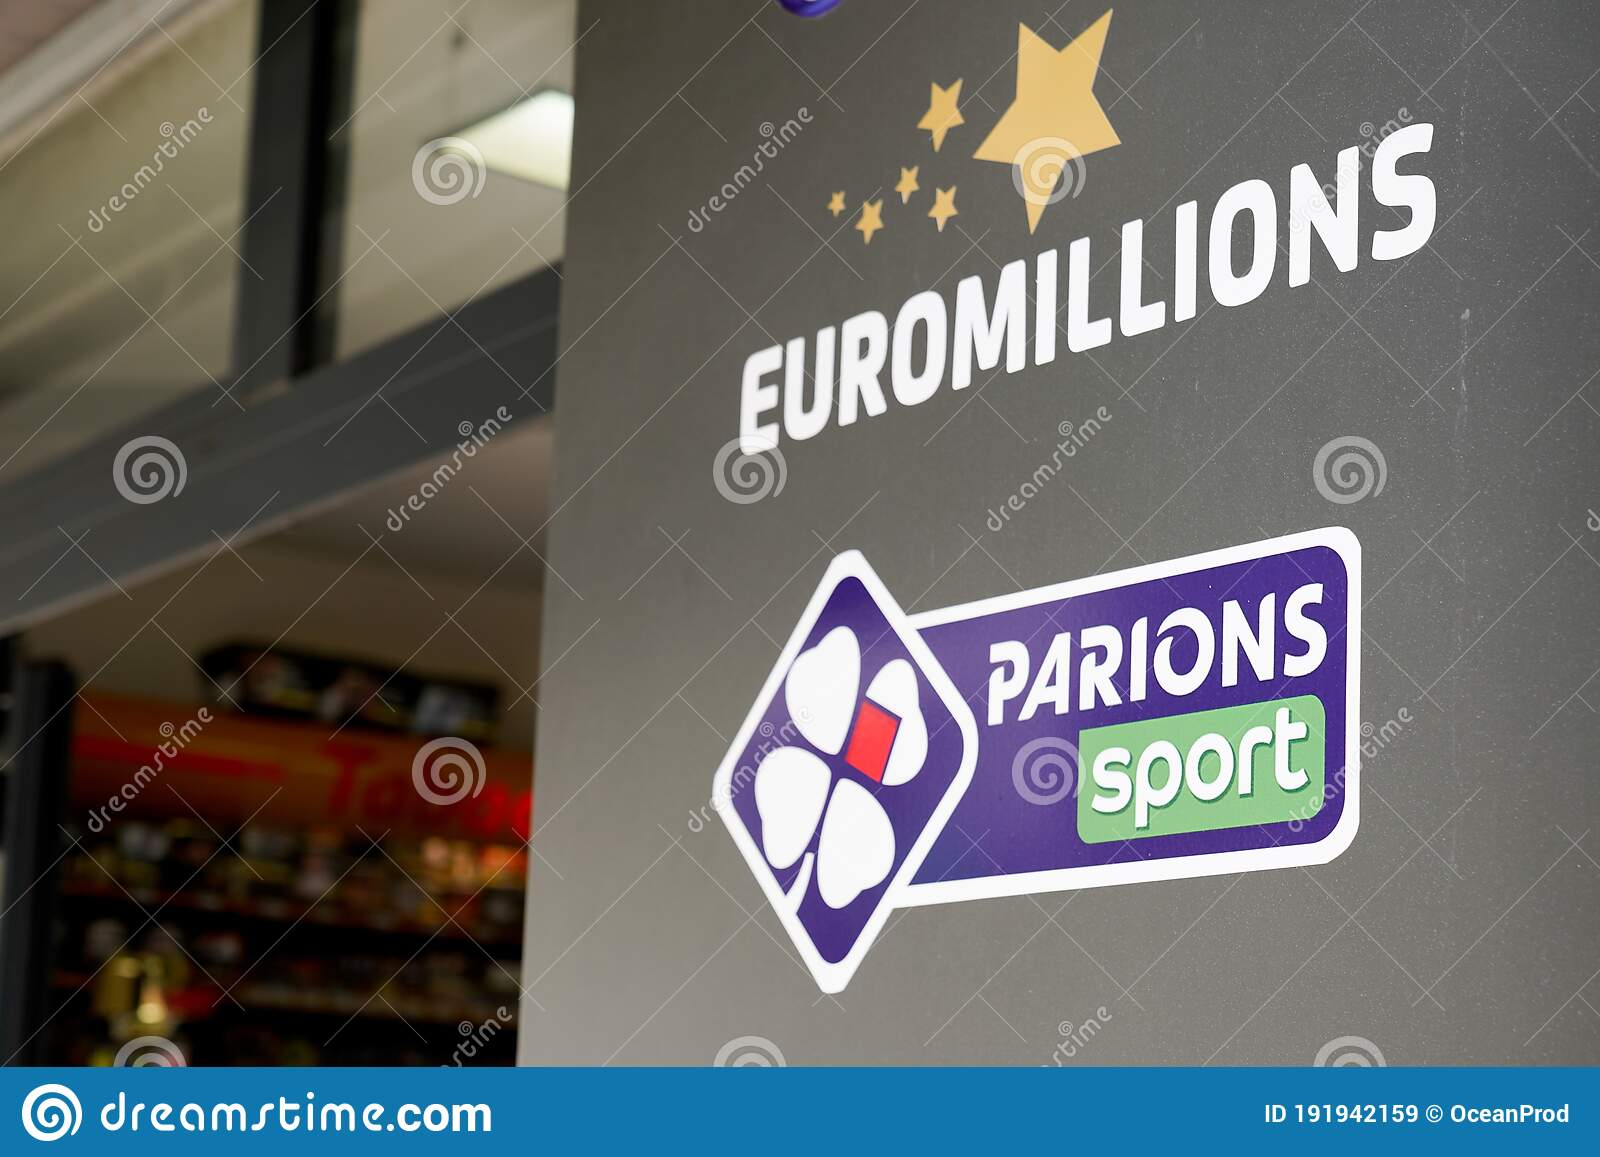 Euromillions   résultats et rapport de gains de l'euromillion en direct   dernier tirage ce vendredi 29 janvier 2021